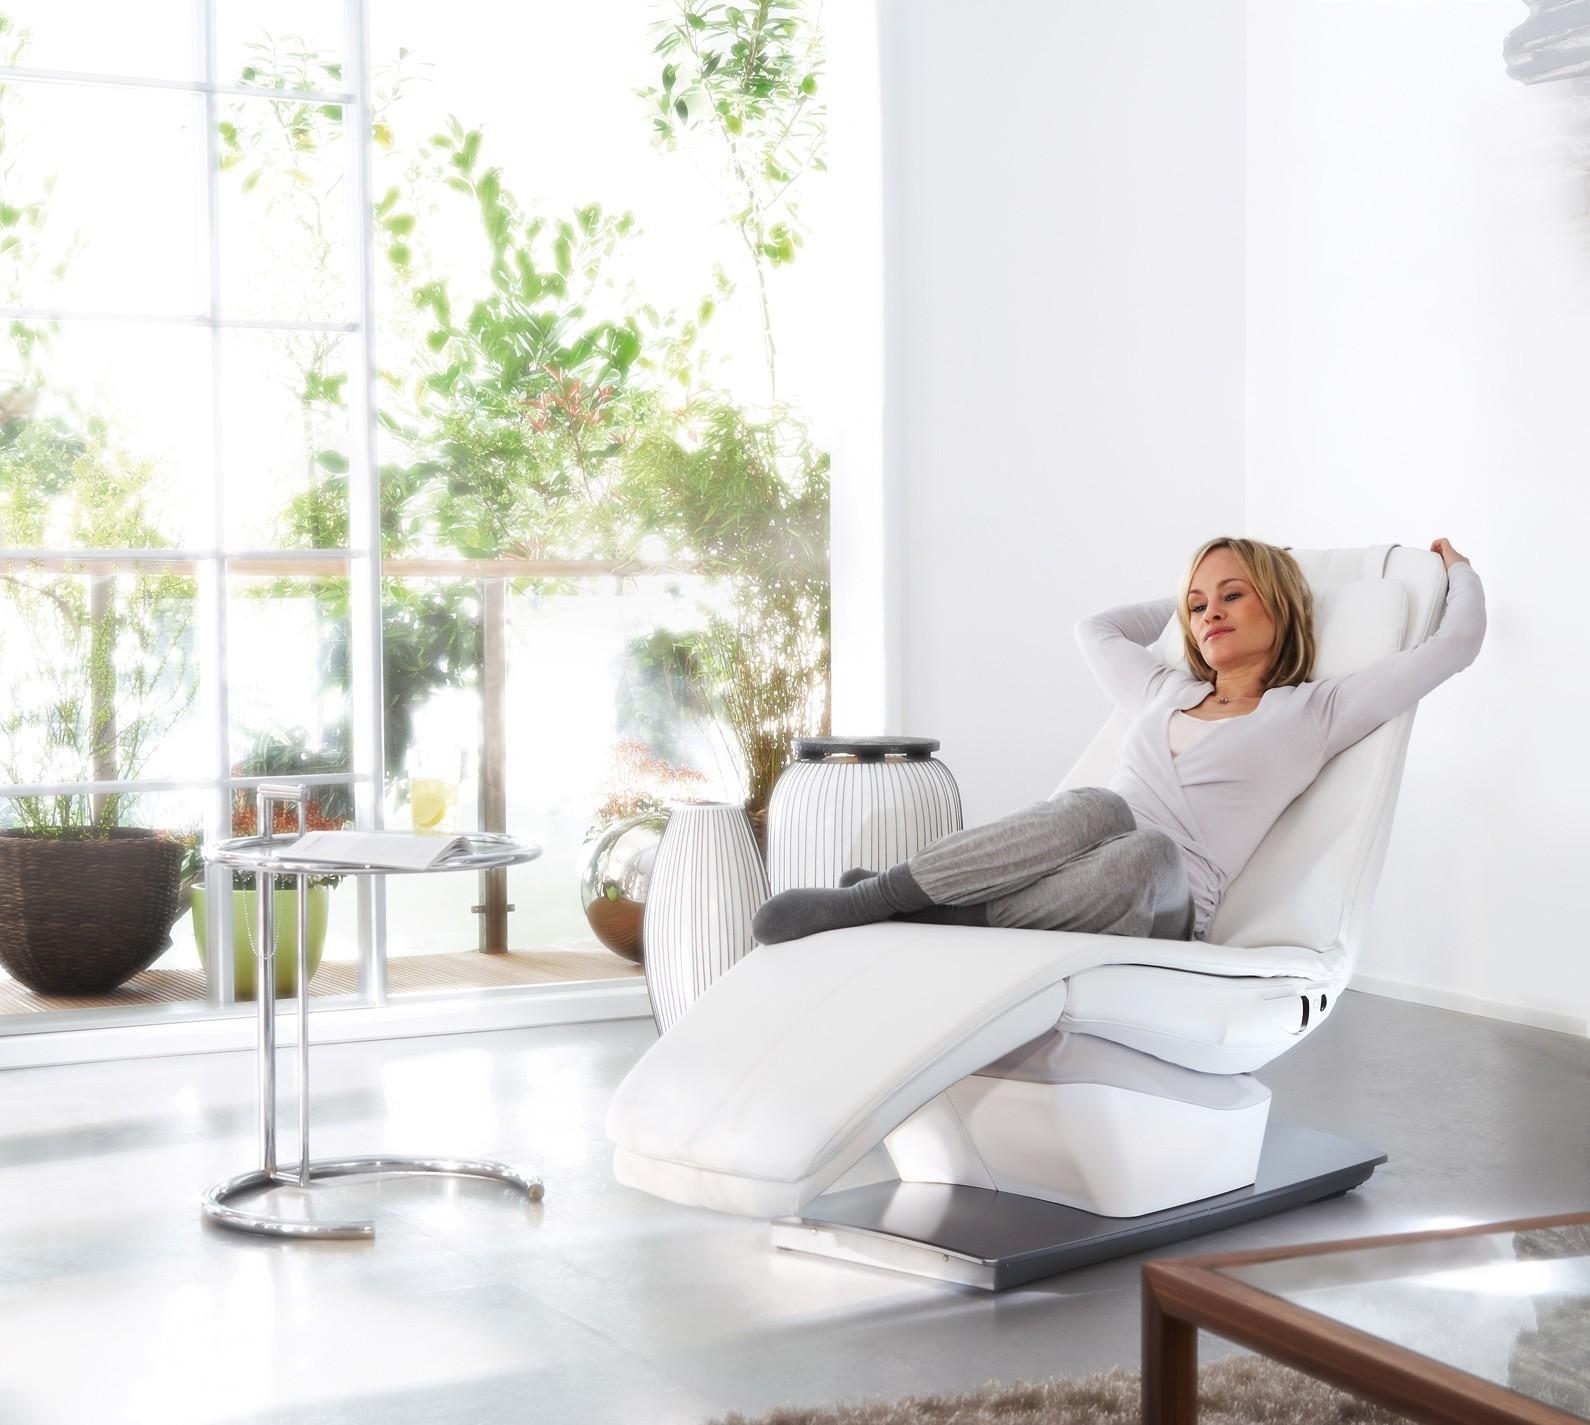 Merveilleux Modern Recliner Chairs 2